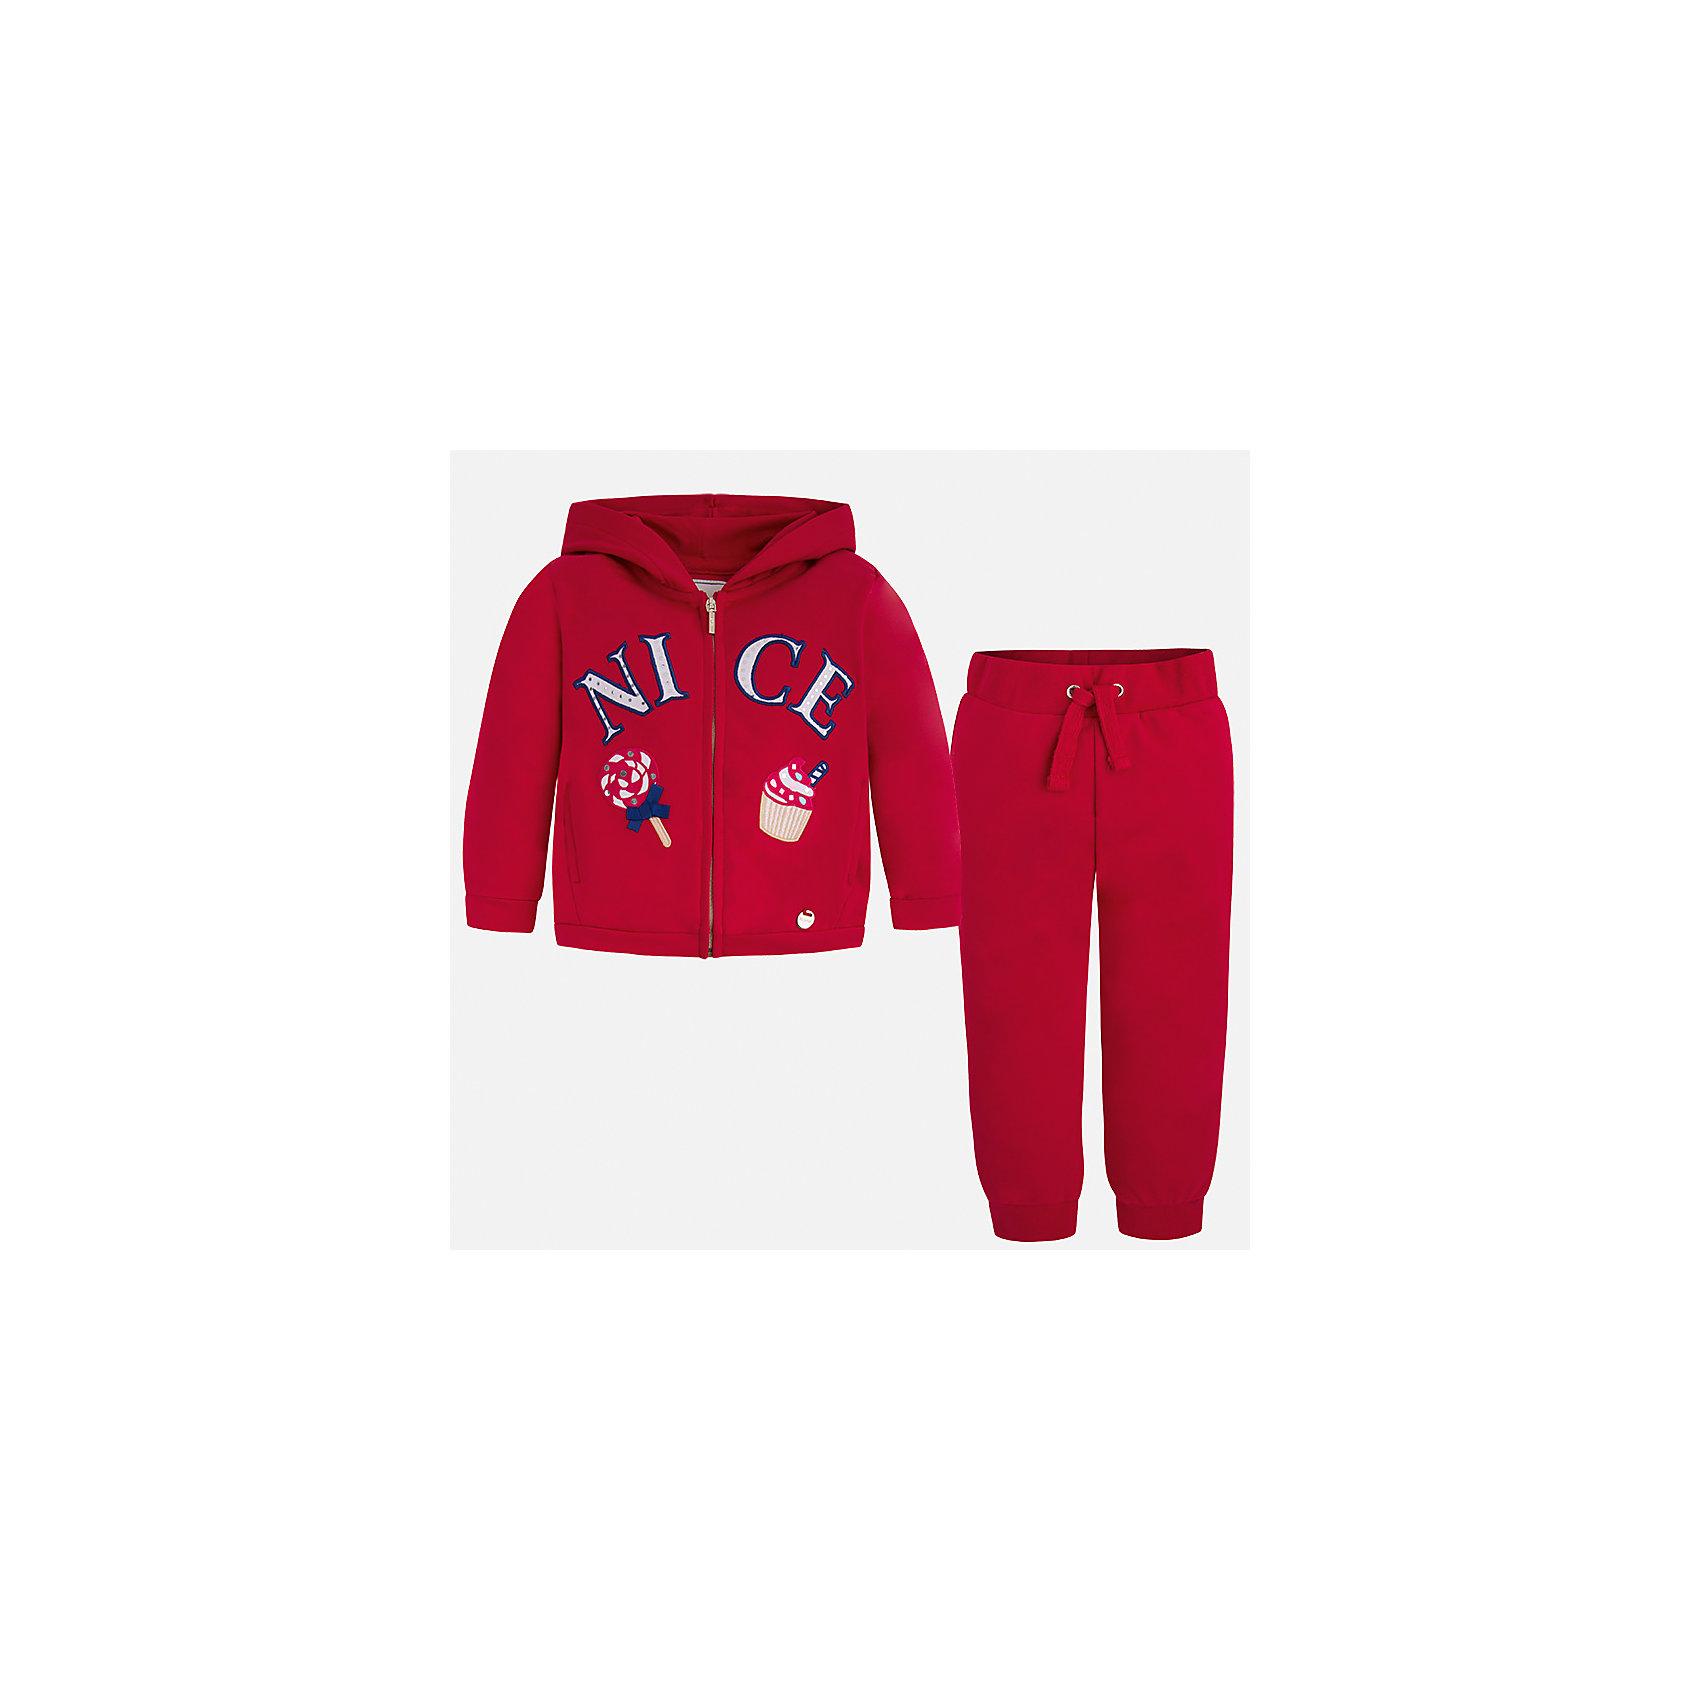 Спортивный костюм для девочки MayoralХарактеристики товара:<br><br>• цвет: красный<br>• состав: 58% хлопок, 39% полиэстер, 3% эластан<br>• комплектация: курточка, штаны<br>• куртка декорирована принтом<br>• карманы<br>• капюшон<br>• штаны однотонные<br>• пояс на шнурке<br>• манжеты<br>• страна бренда: Испания<br><br>Стильный качественный спортивный костюм для девочки поможет разнообразить гардероб ребенка и удобно одеться в теплую погоду. Курточка и штаны отлично сочетаются с другими предметами. Универсальный цвет позволяет подобрать к вещам верхнюю одежду практически любой расцветки. Интересная отделка модели делает её нарядной и оригинальной. В составе материала - натуральный хлопок, гипоаллергенный, приятный на ощупь, дышащий.<br><br>Одежда, обувь и аксессуары от испанского бренда Mayoral полюбились детям и взрослым по всему миру. Модели этой марки - стильные и удобные. Для их производства используются только безопасные, качественные материалы и фурнитура. Порадуйте ребенка модными и красивыми вещами от Mayoral! <br><br>Спортивный костюм для девочки от испанского бренда Mayoral (Майорал) можно купить в нашем интернет-магазине.<br><br>Ширина мм: 247<br>Глубина мм: 16<br>Высота мм: 140<br>Вес г: 225<br>Цвет: красный<br>Возраст от месяцев: 96<br>Возраст до месяцев: 108<br>Пол: Женский<br>Возраст: Детский<br>Размер: 134,92,98,104,110,116,122,128<br>SKU: 5290851